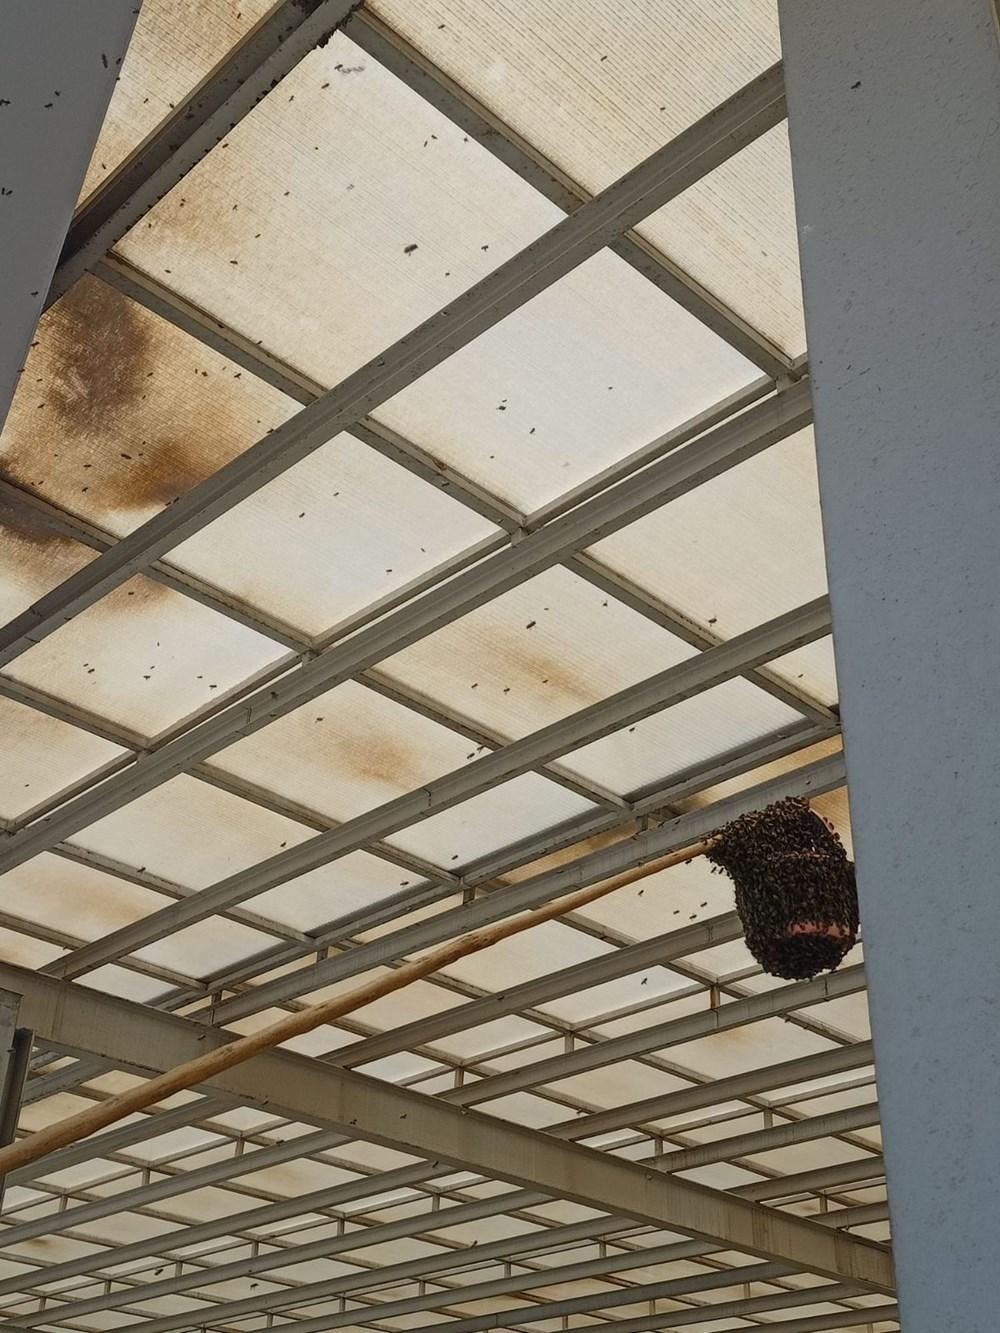 Hastanede panik: Acil servisi arılar bastı - 4